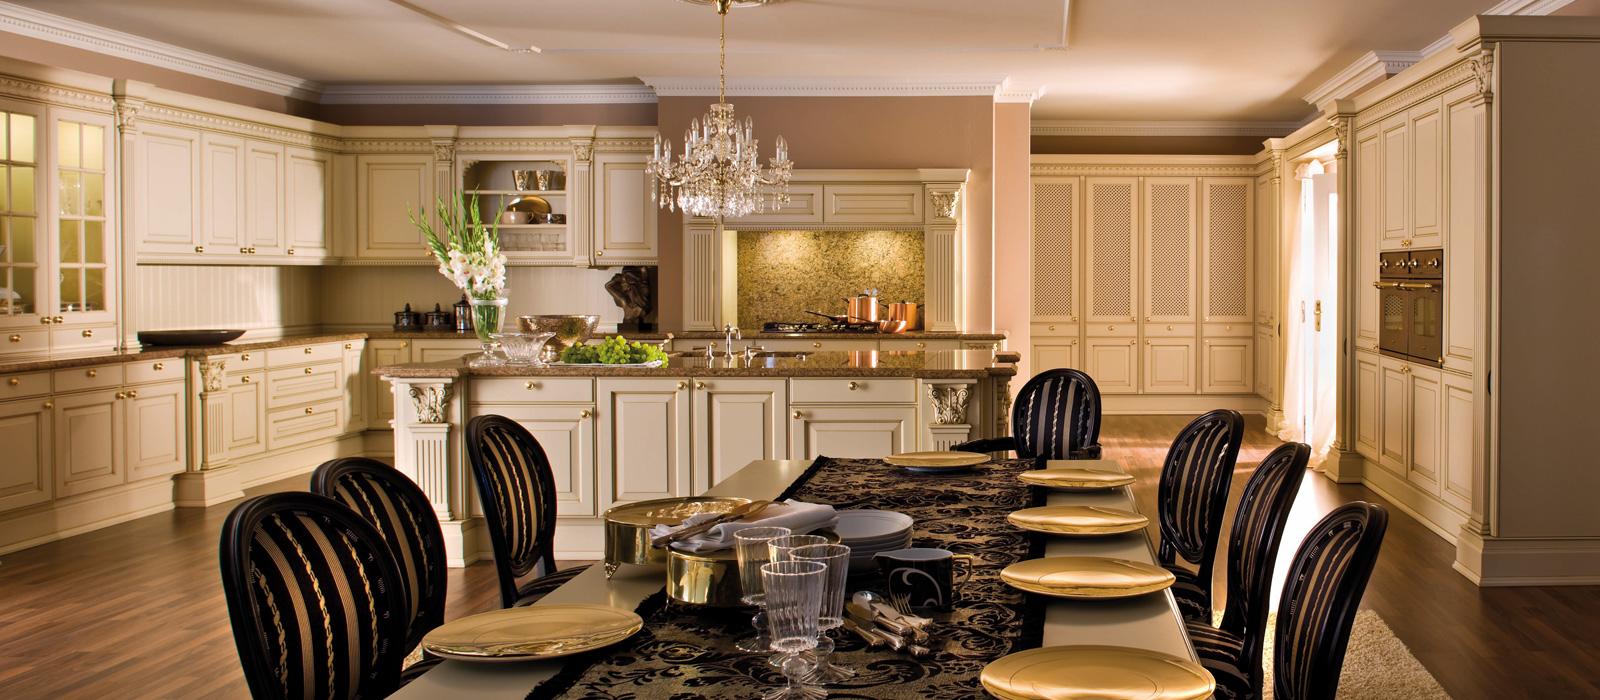 versailles de luxe european kitchen cabinets Luxury Kitchen Cabinets